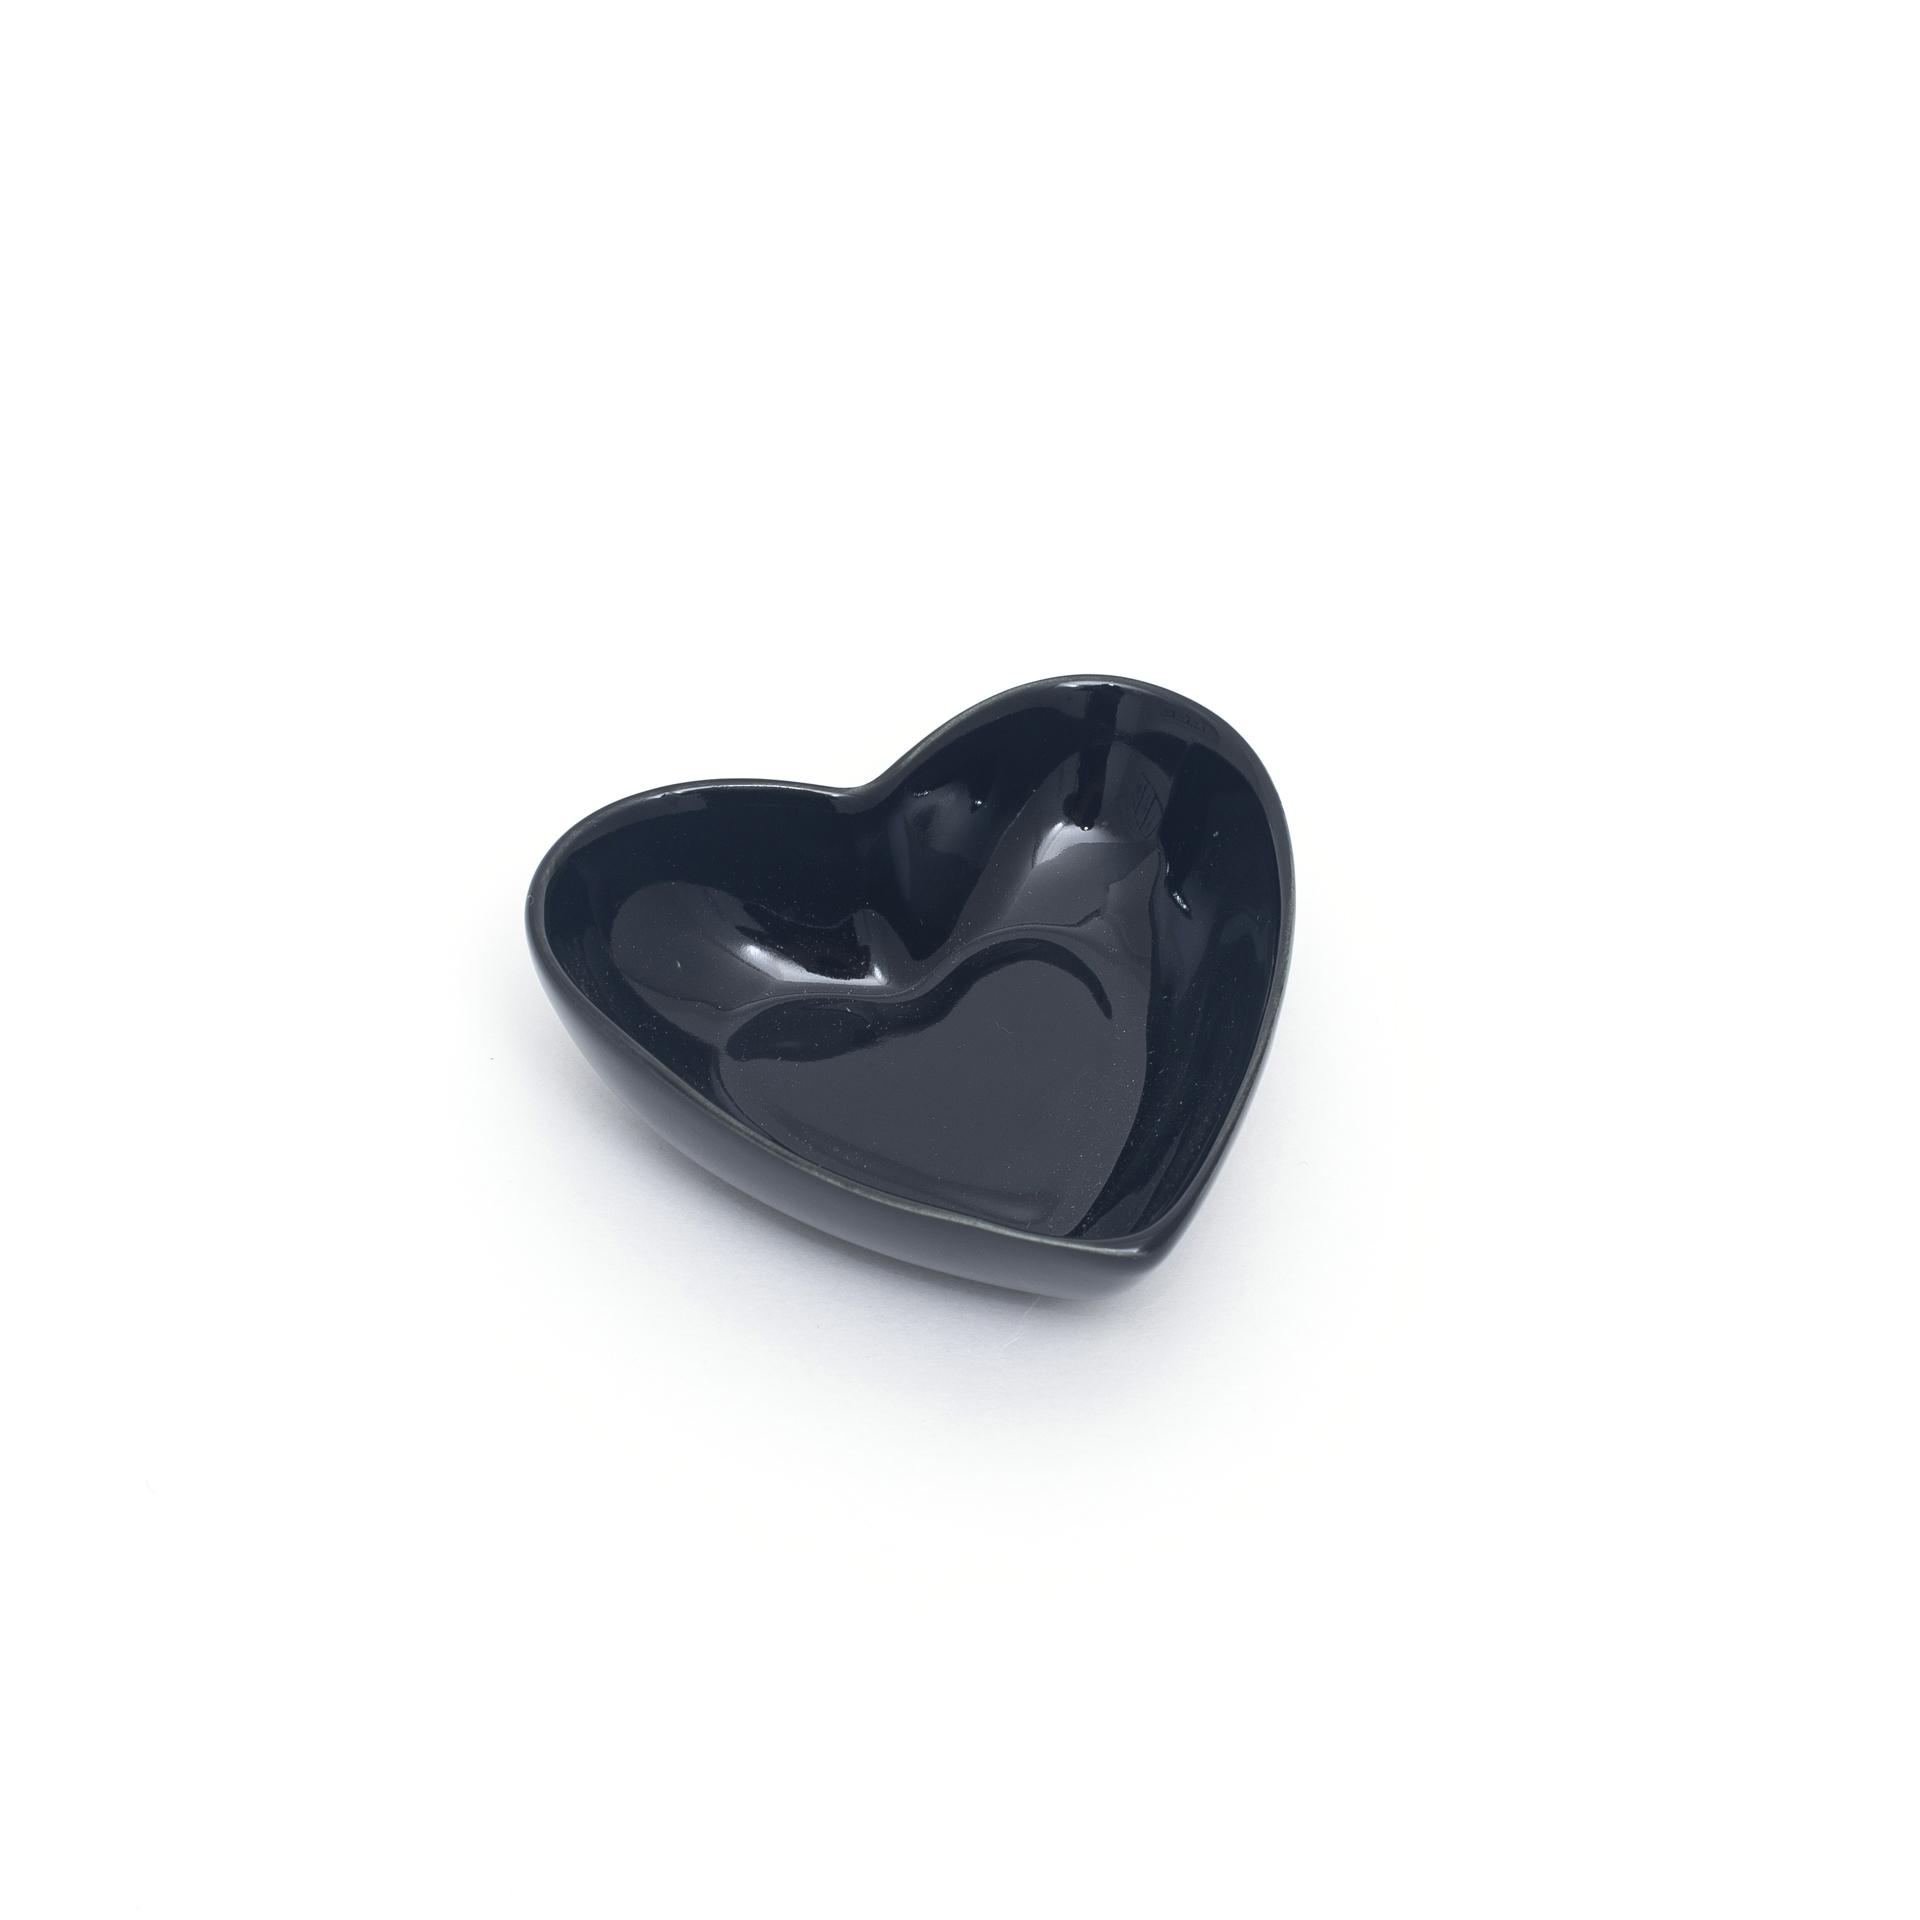 Pote de porcelana em formato coração preto P. Cód.2357